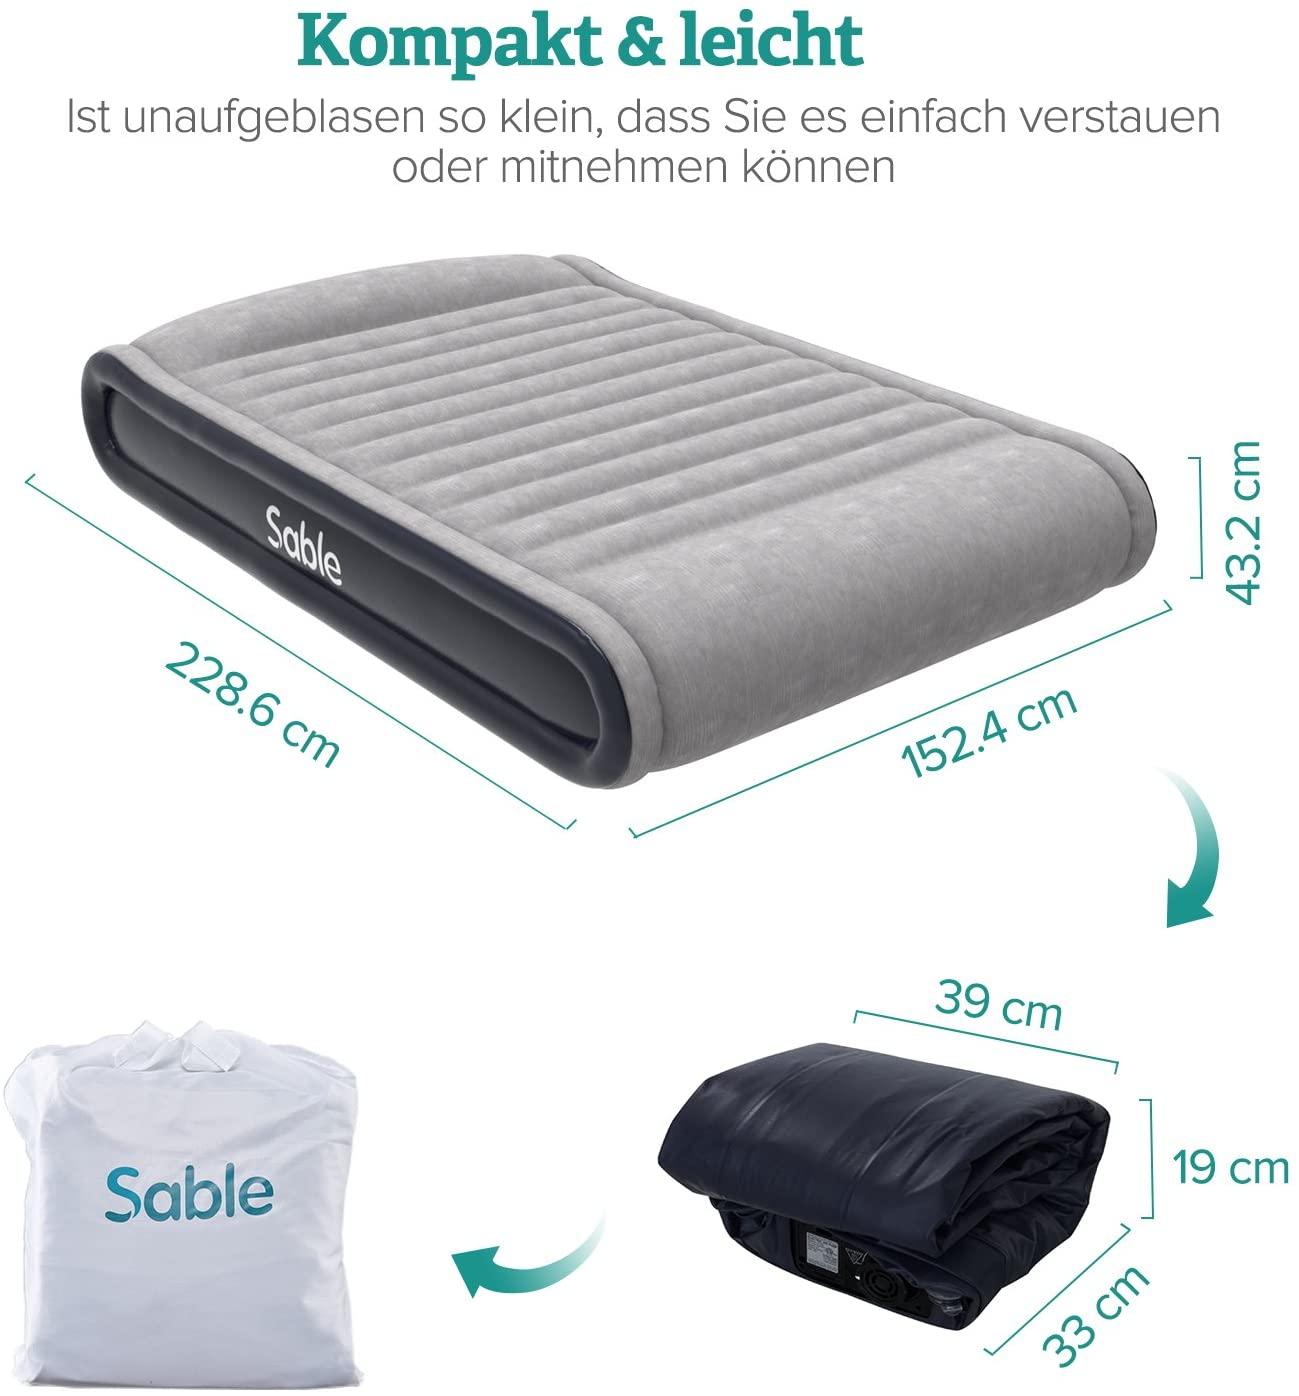 Aufblasbares Luftbett (Sable) Maße